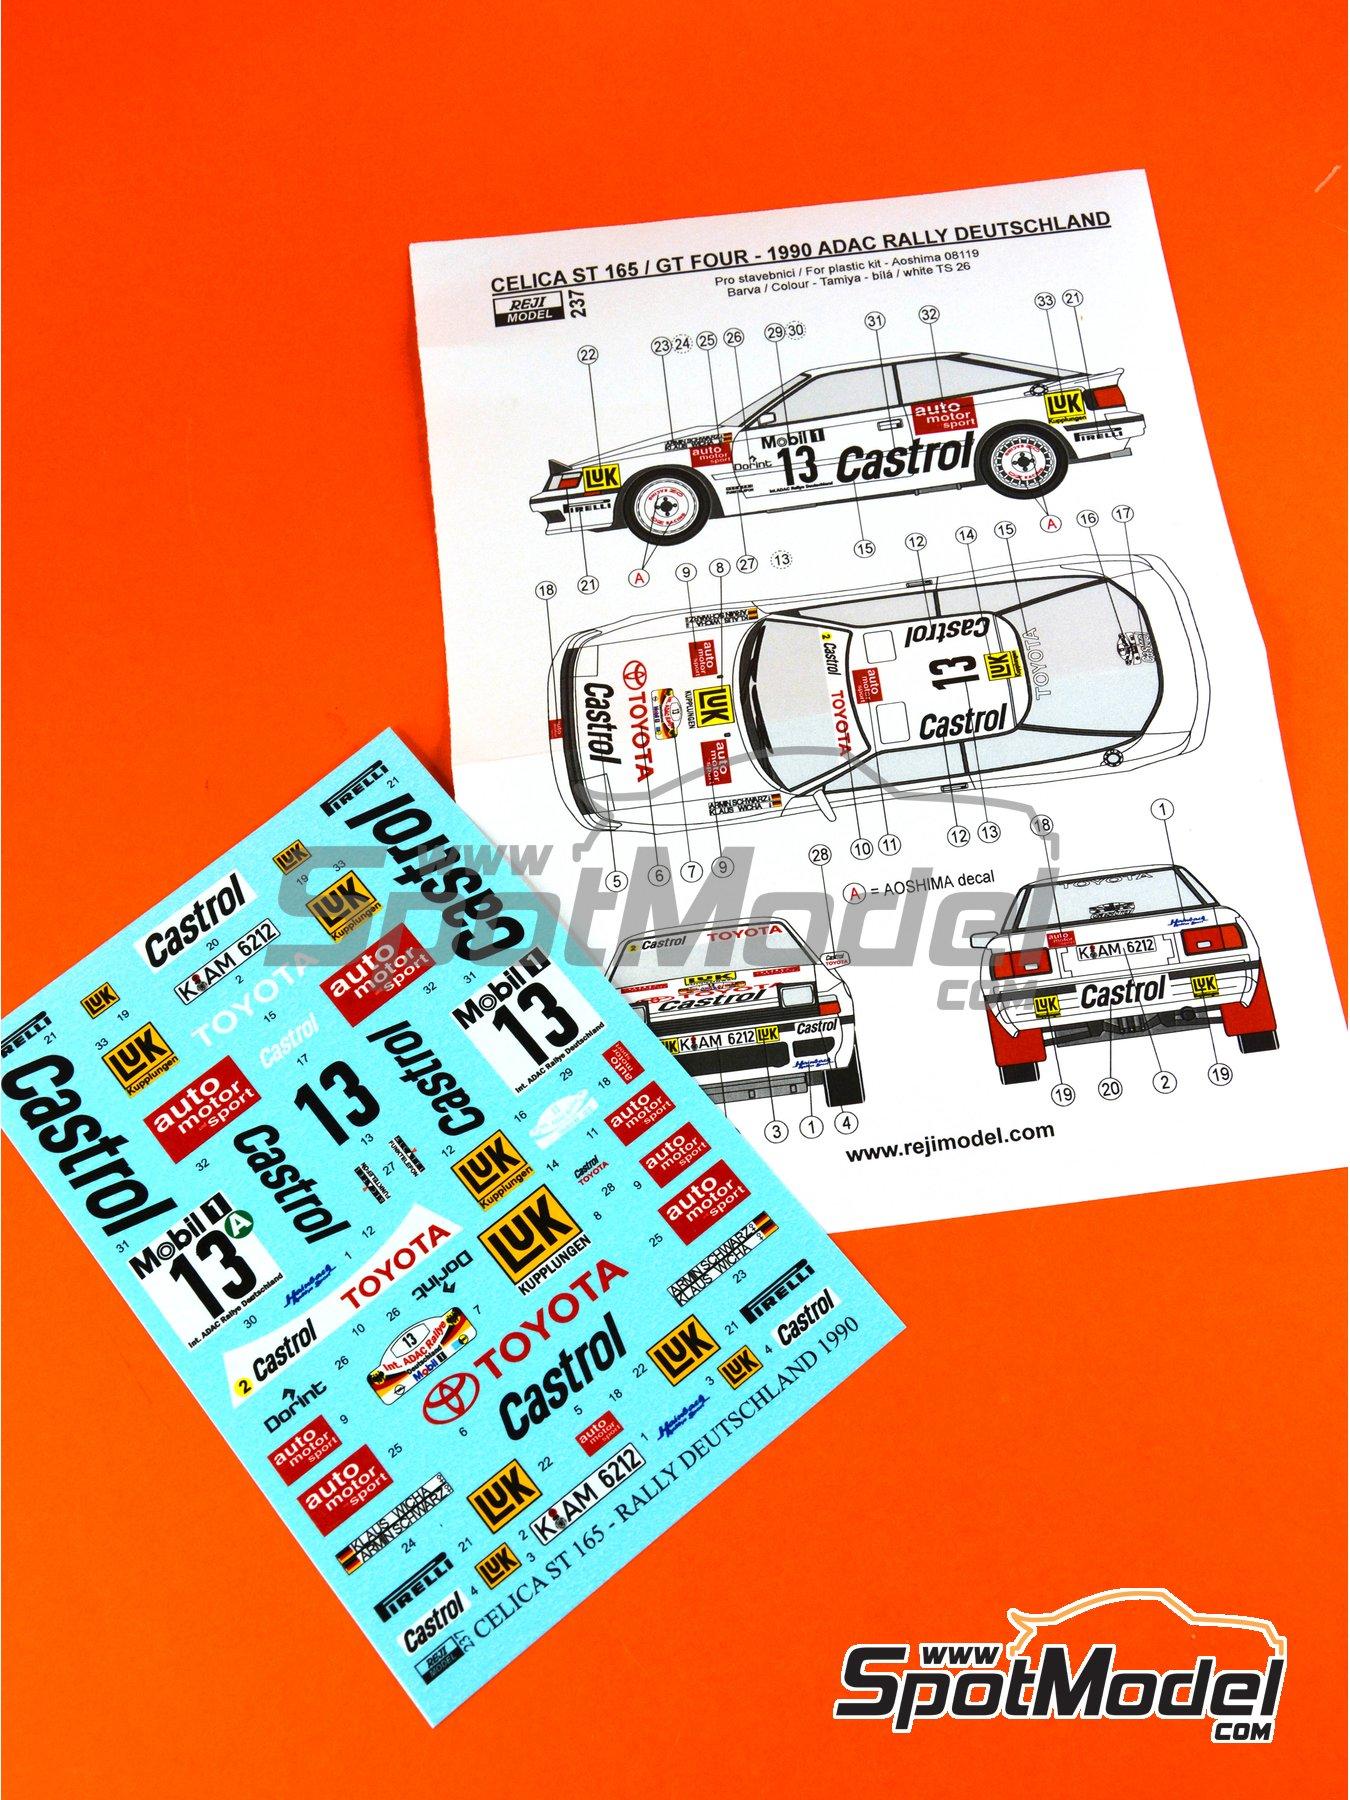 Toyota Celica GT-Four ST165 Castrol - Rally de Alemania ADAC 1990 | Decoración en escala1/24 fabricado por Reji Model (ref.REJI-237) image